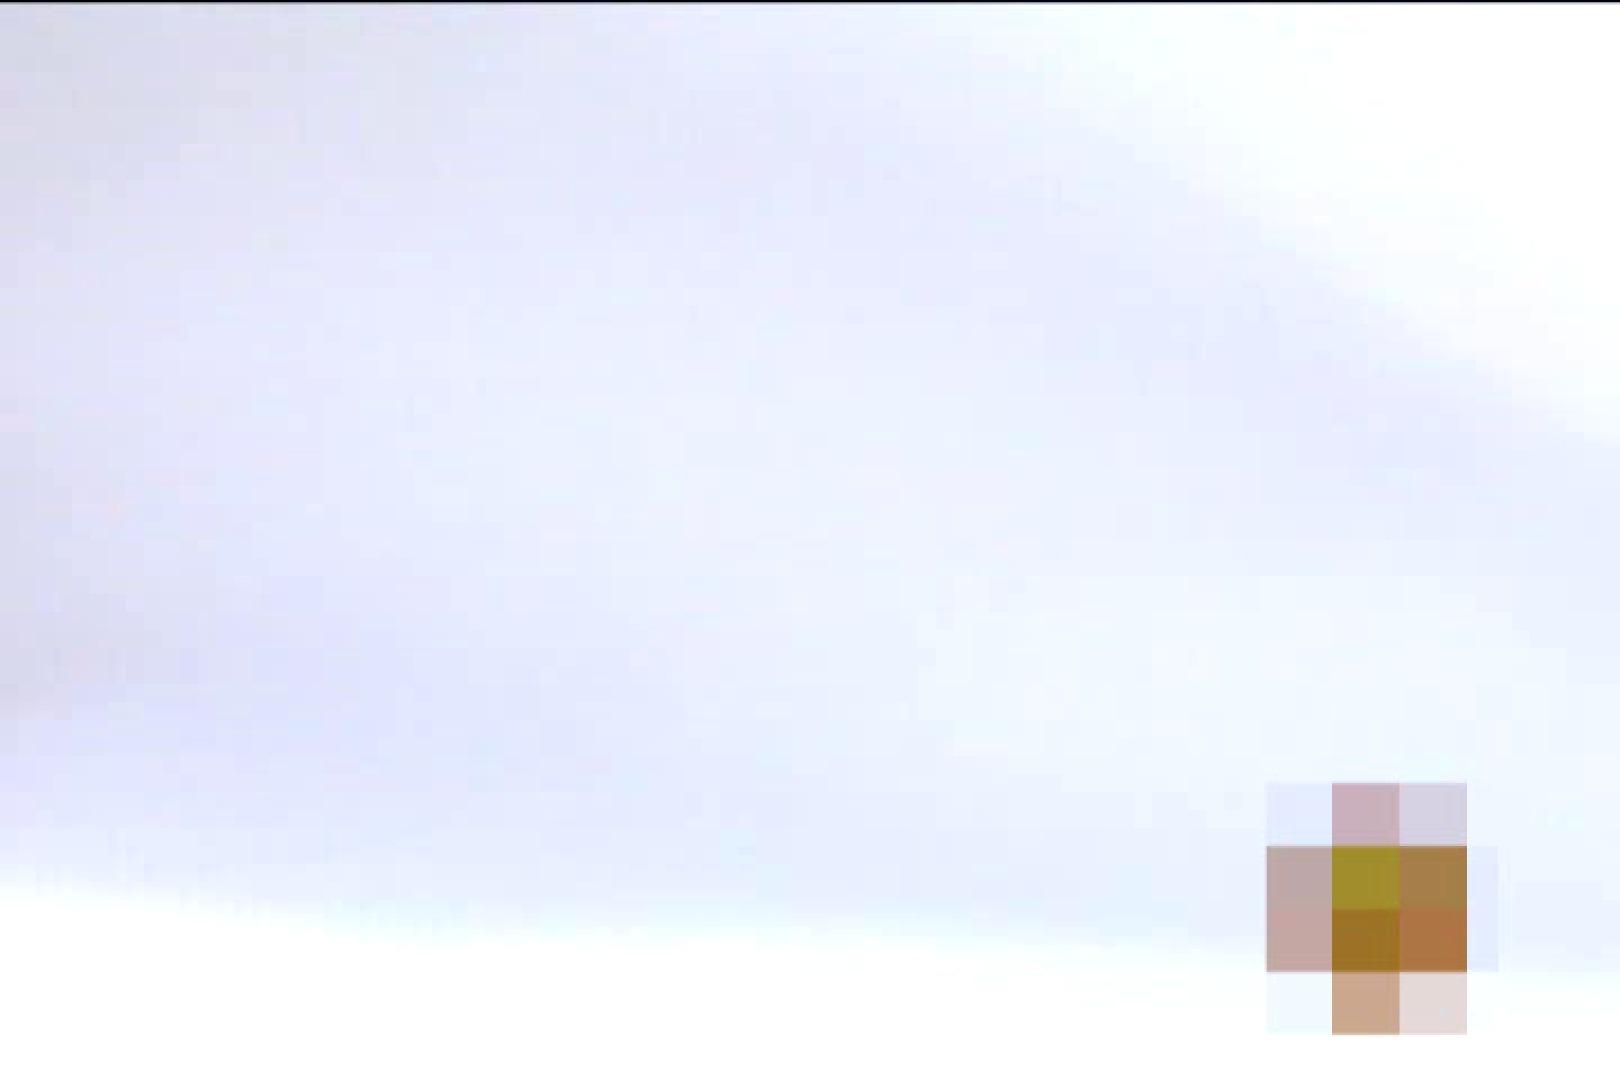 検証!隠し撮りスカートめくり!!Vol.3 素人 AV動画キャプチャ 76連発 7